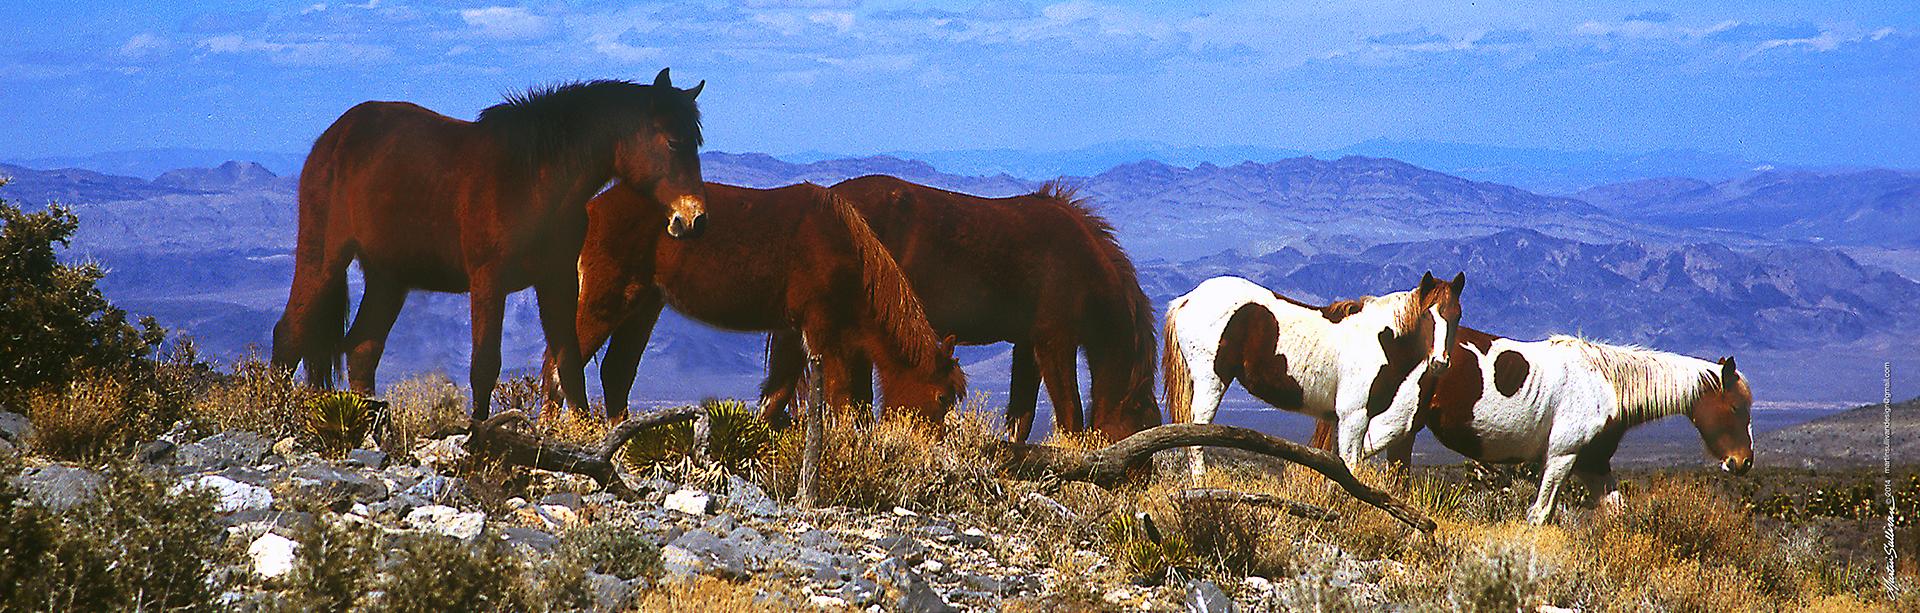 1x3W-Horses-C.C